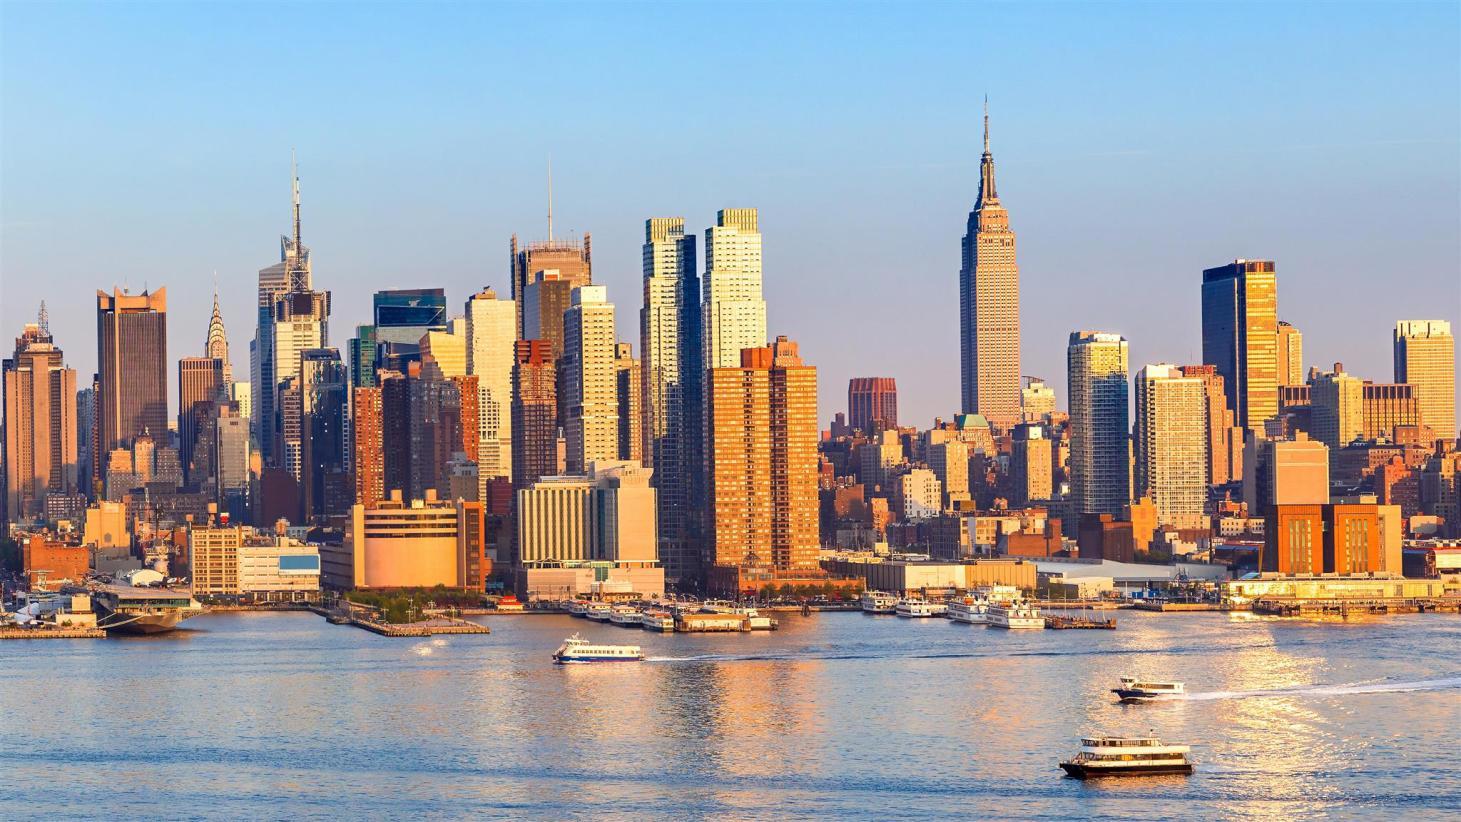 Sélection de vols A/R Paris <=> New York de Mai 2021 à Août 2021 à partir de 199€ - Ex: Vol A/R ORY <-> EWR du 25 mai au 10 juin 2021